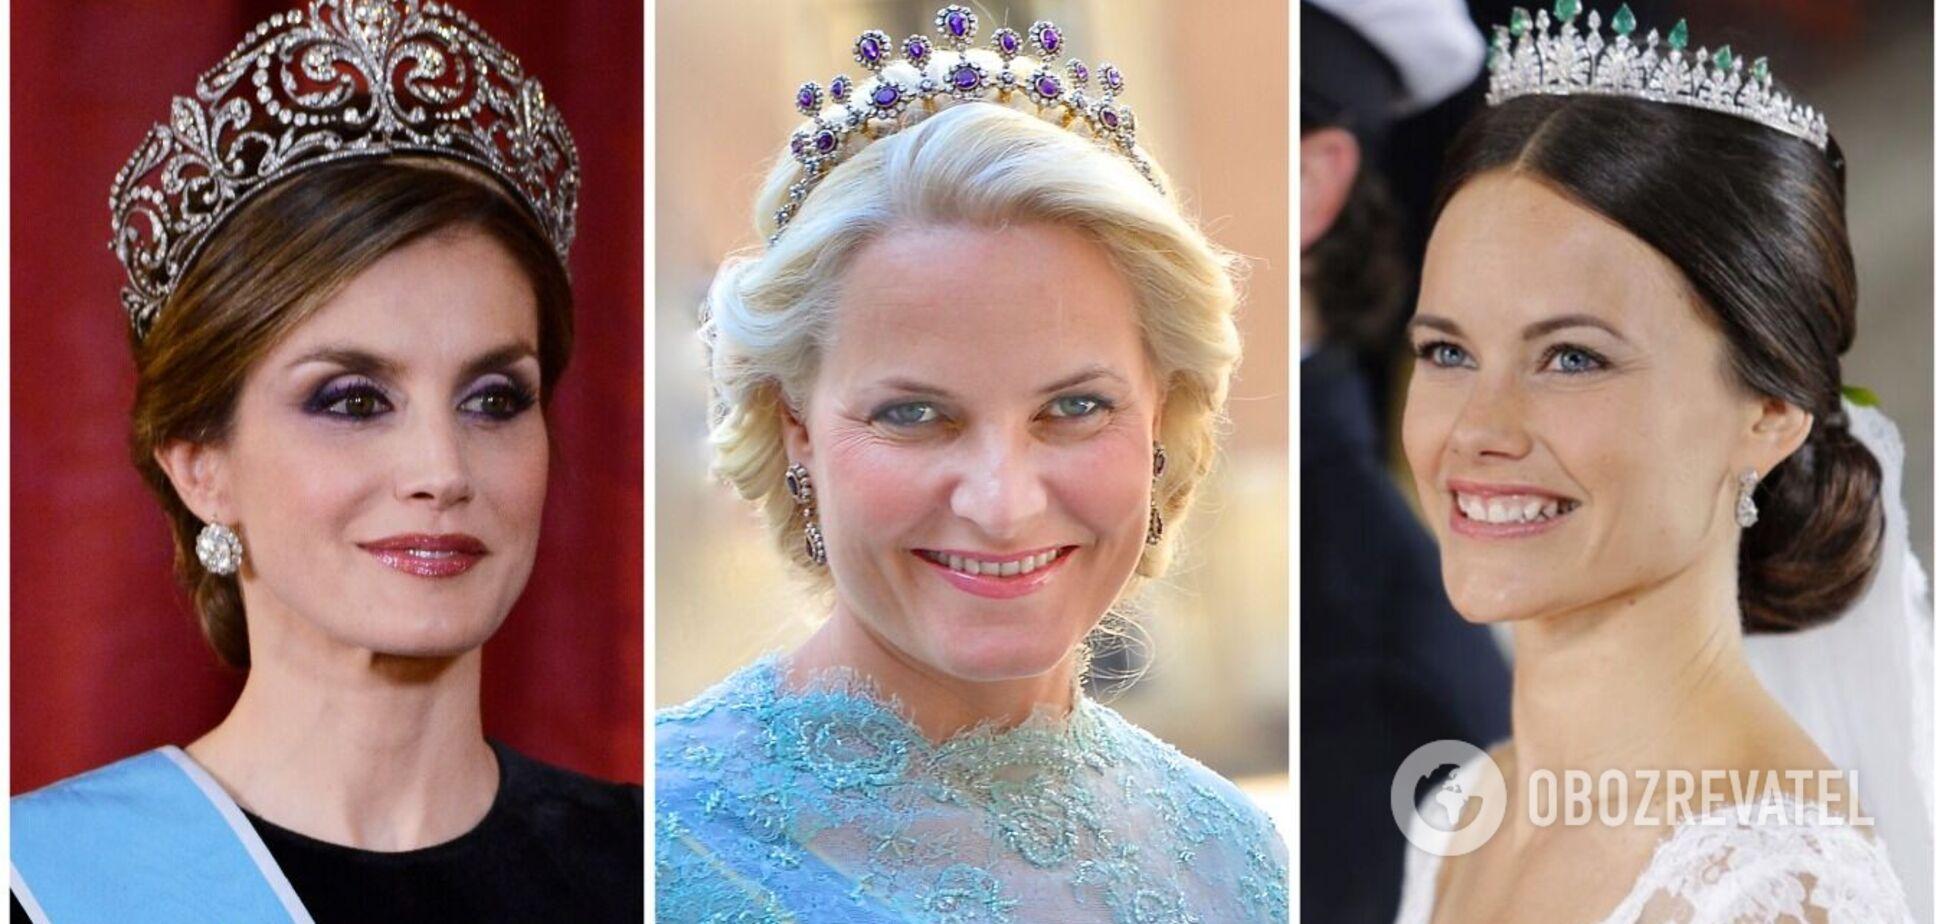 Не Маркл единой: скандалы королевских семей, которые потрясли мир